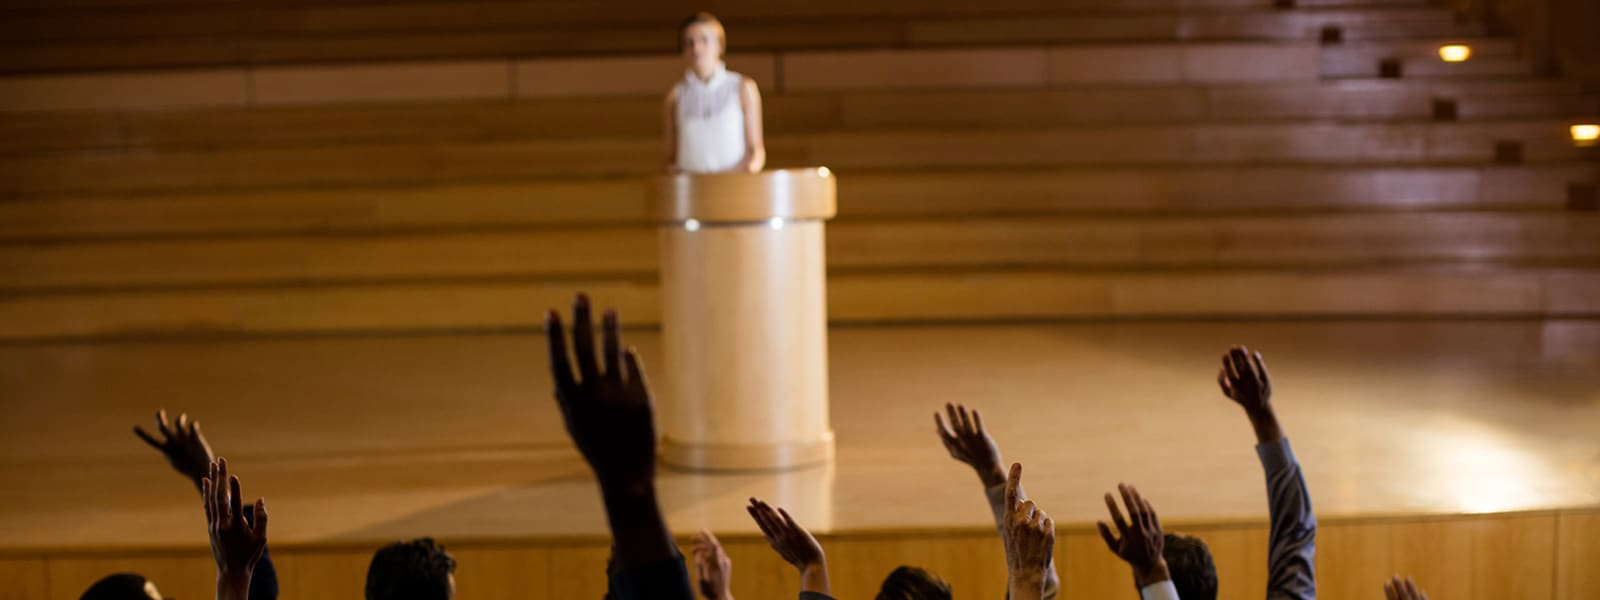 Presentaciones Efectivas y Comunicación Asertiva